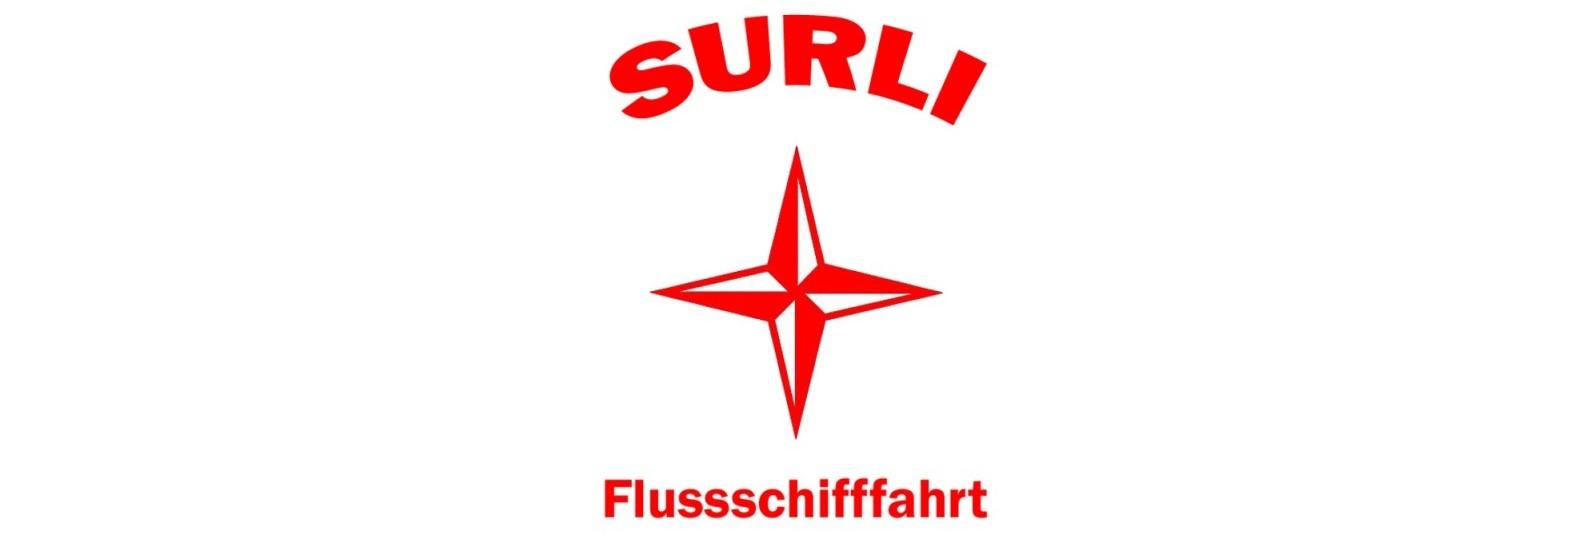 Logo_SURLI_Flussschifffahrt